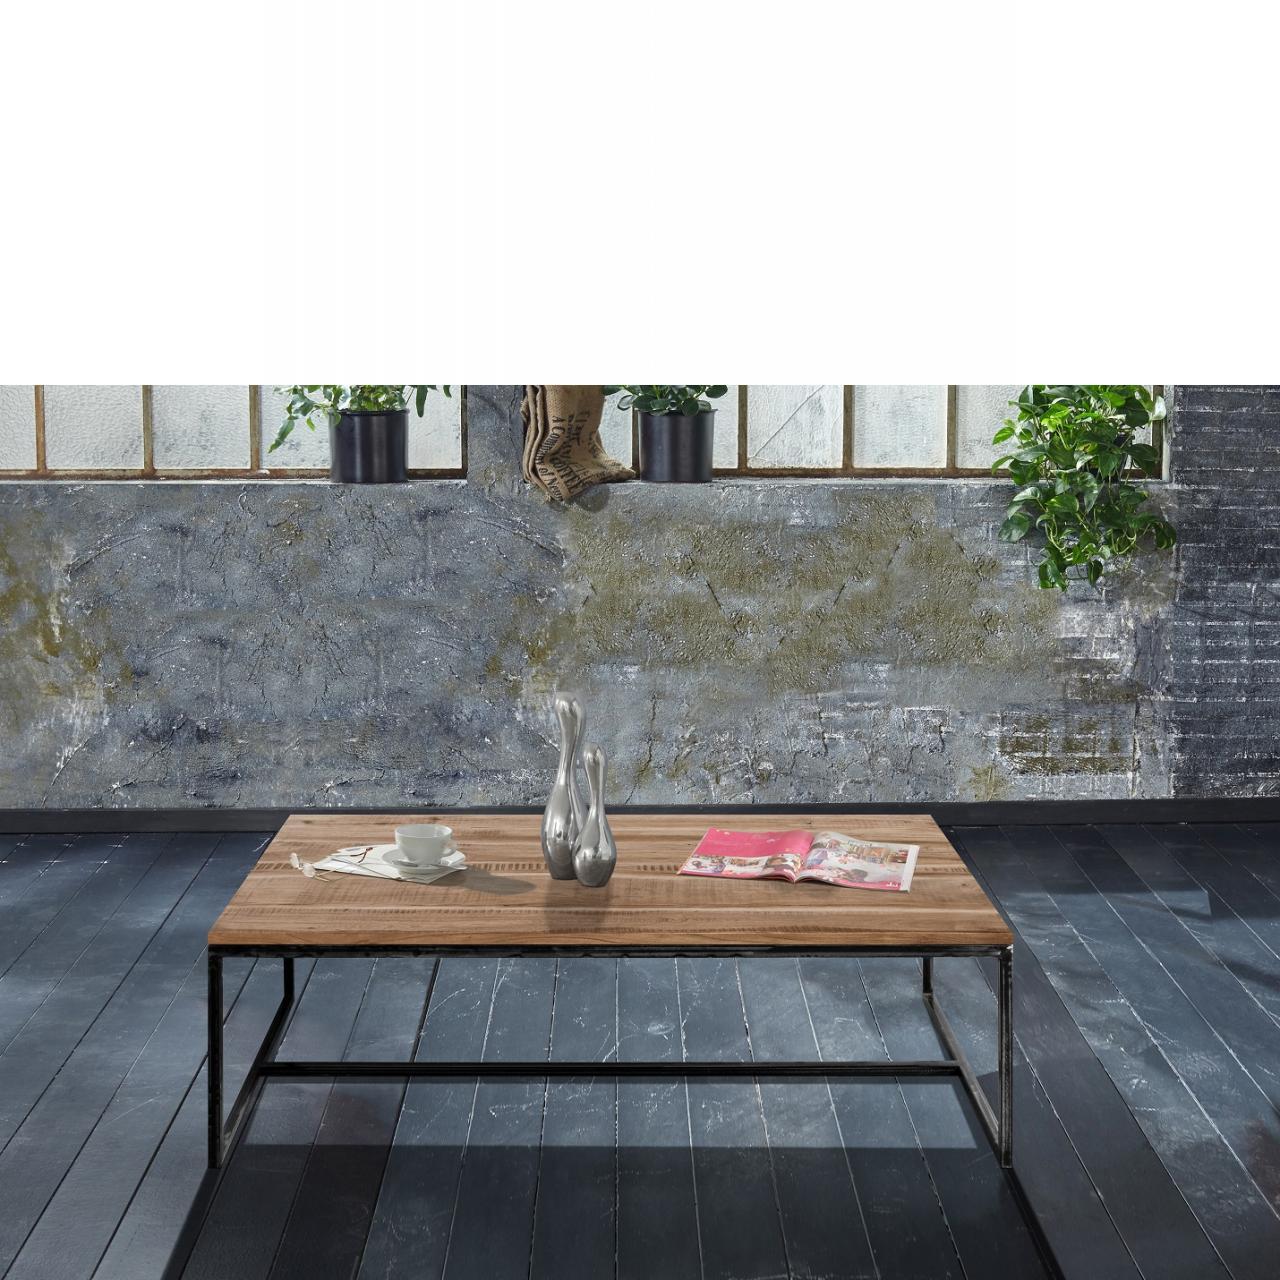 Couchtisch Spring 4698 Akazienholz Massiv Eisen Grau Schwarz Stubentisch Tisch